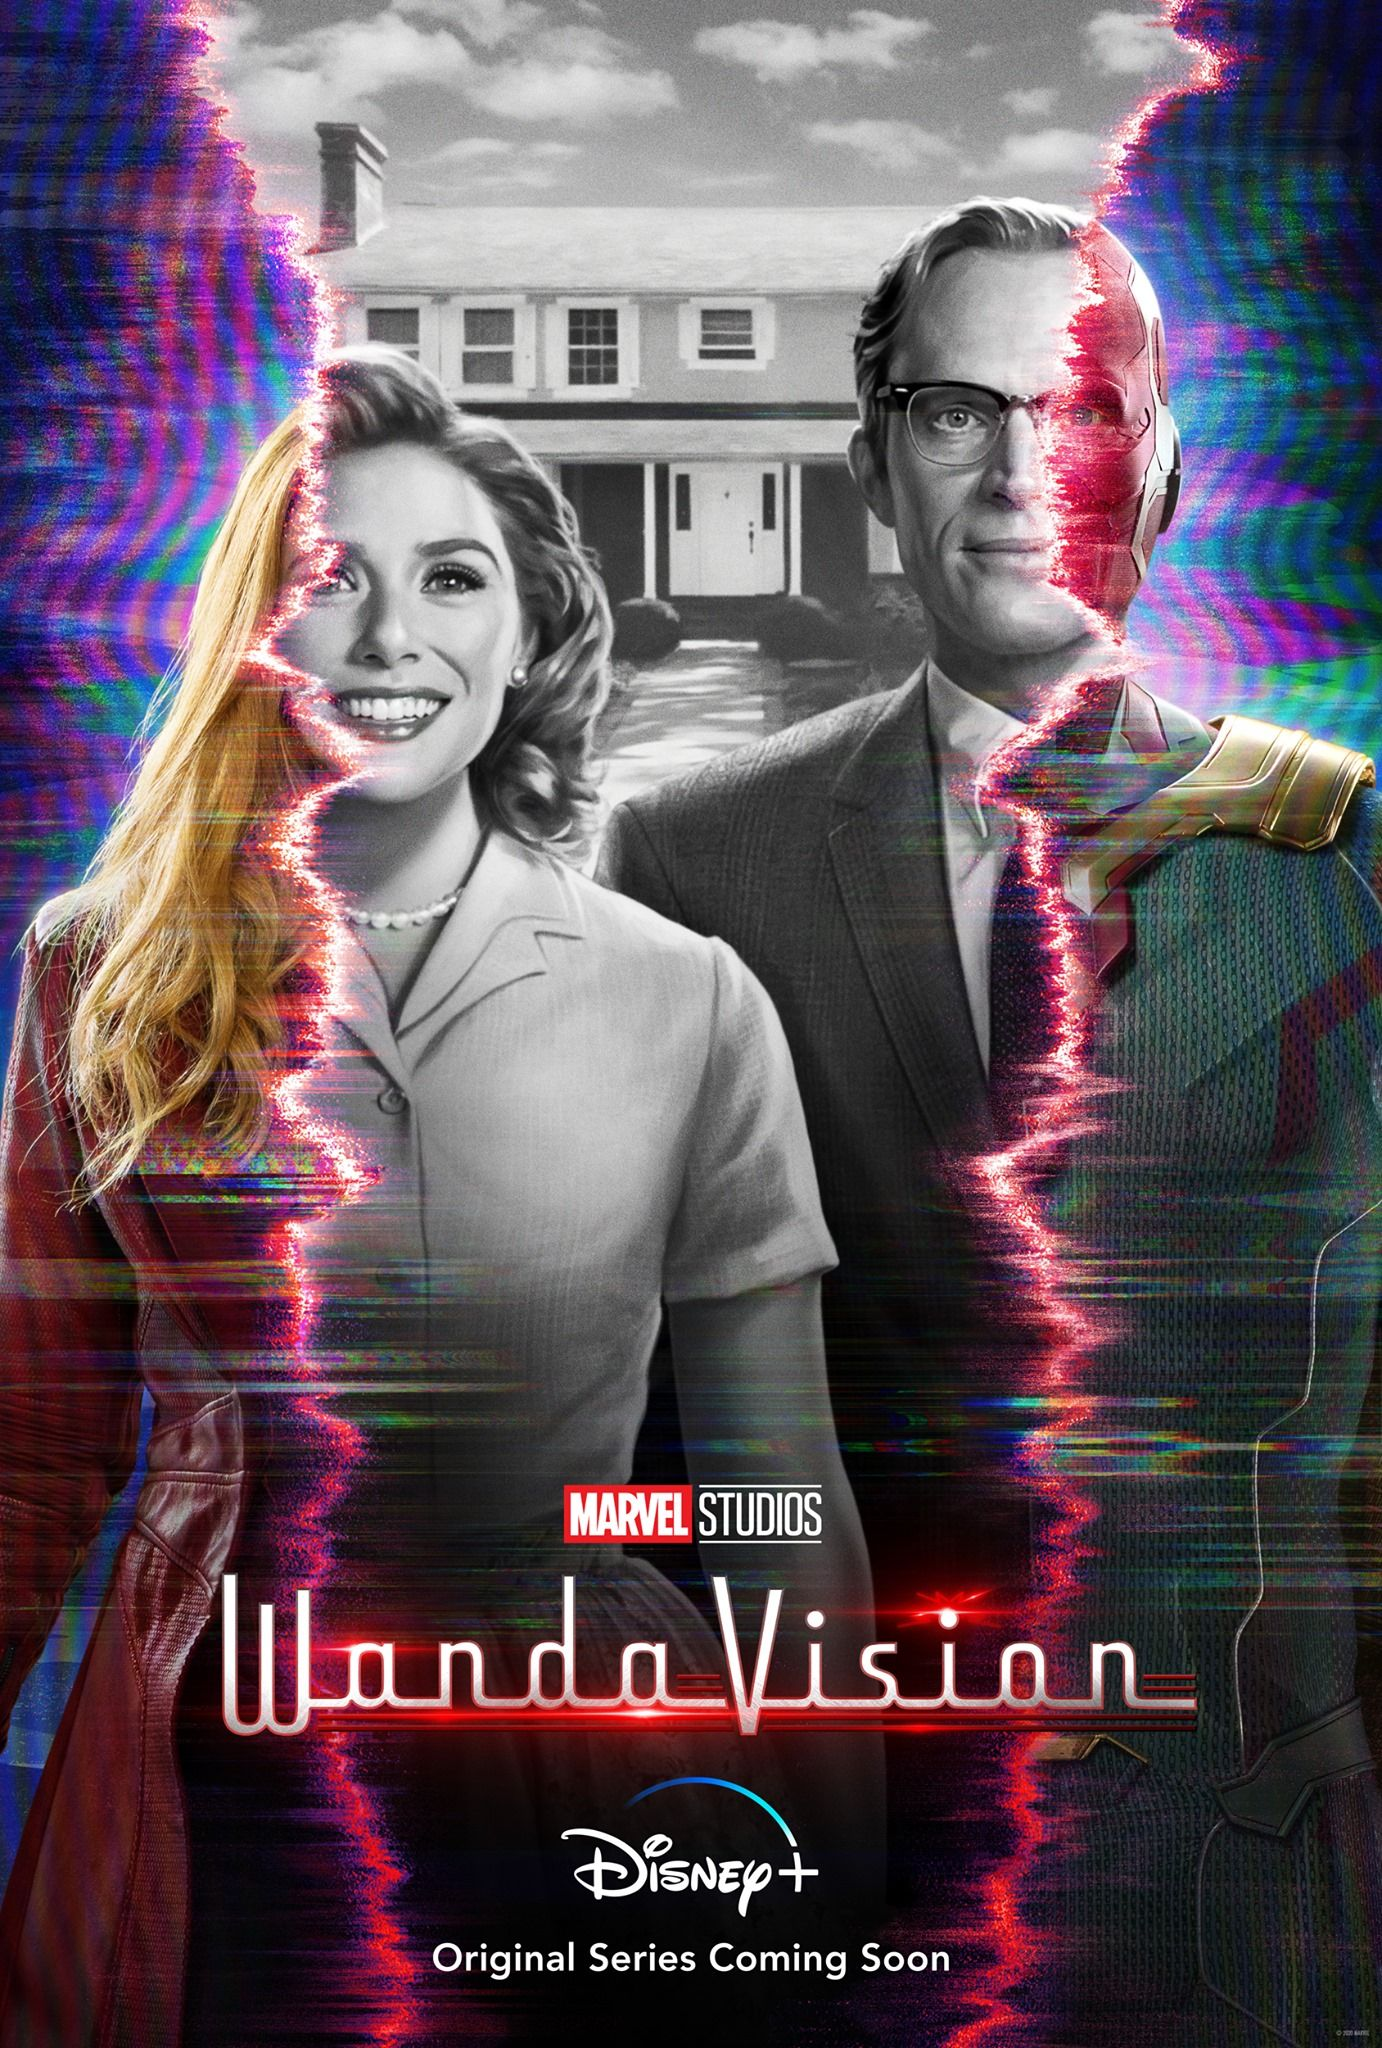 Prvý trailer pre seriál WandaVision spája Scarlet Witch a Visiona v mindfuckovom cestovaní časom a dimenziami